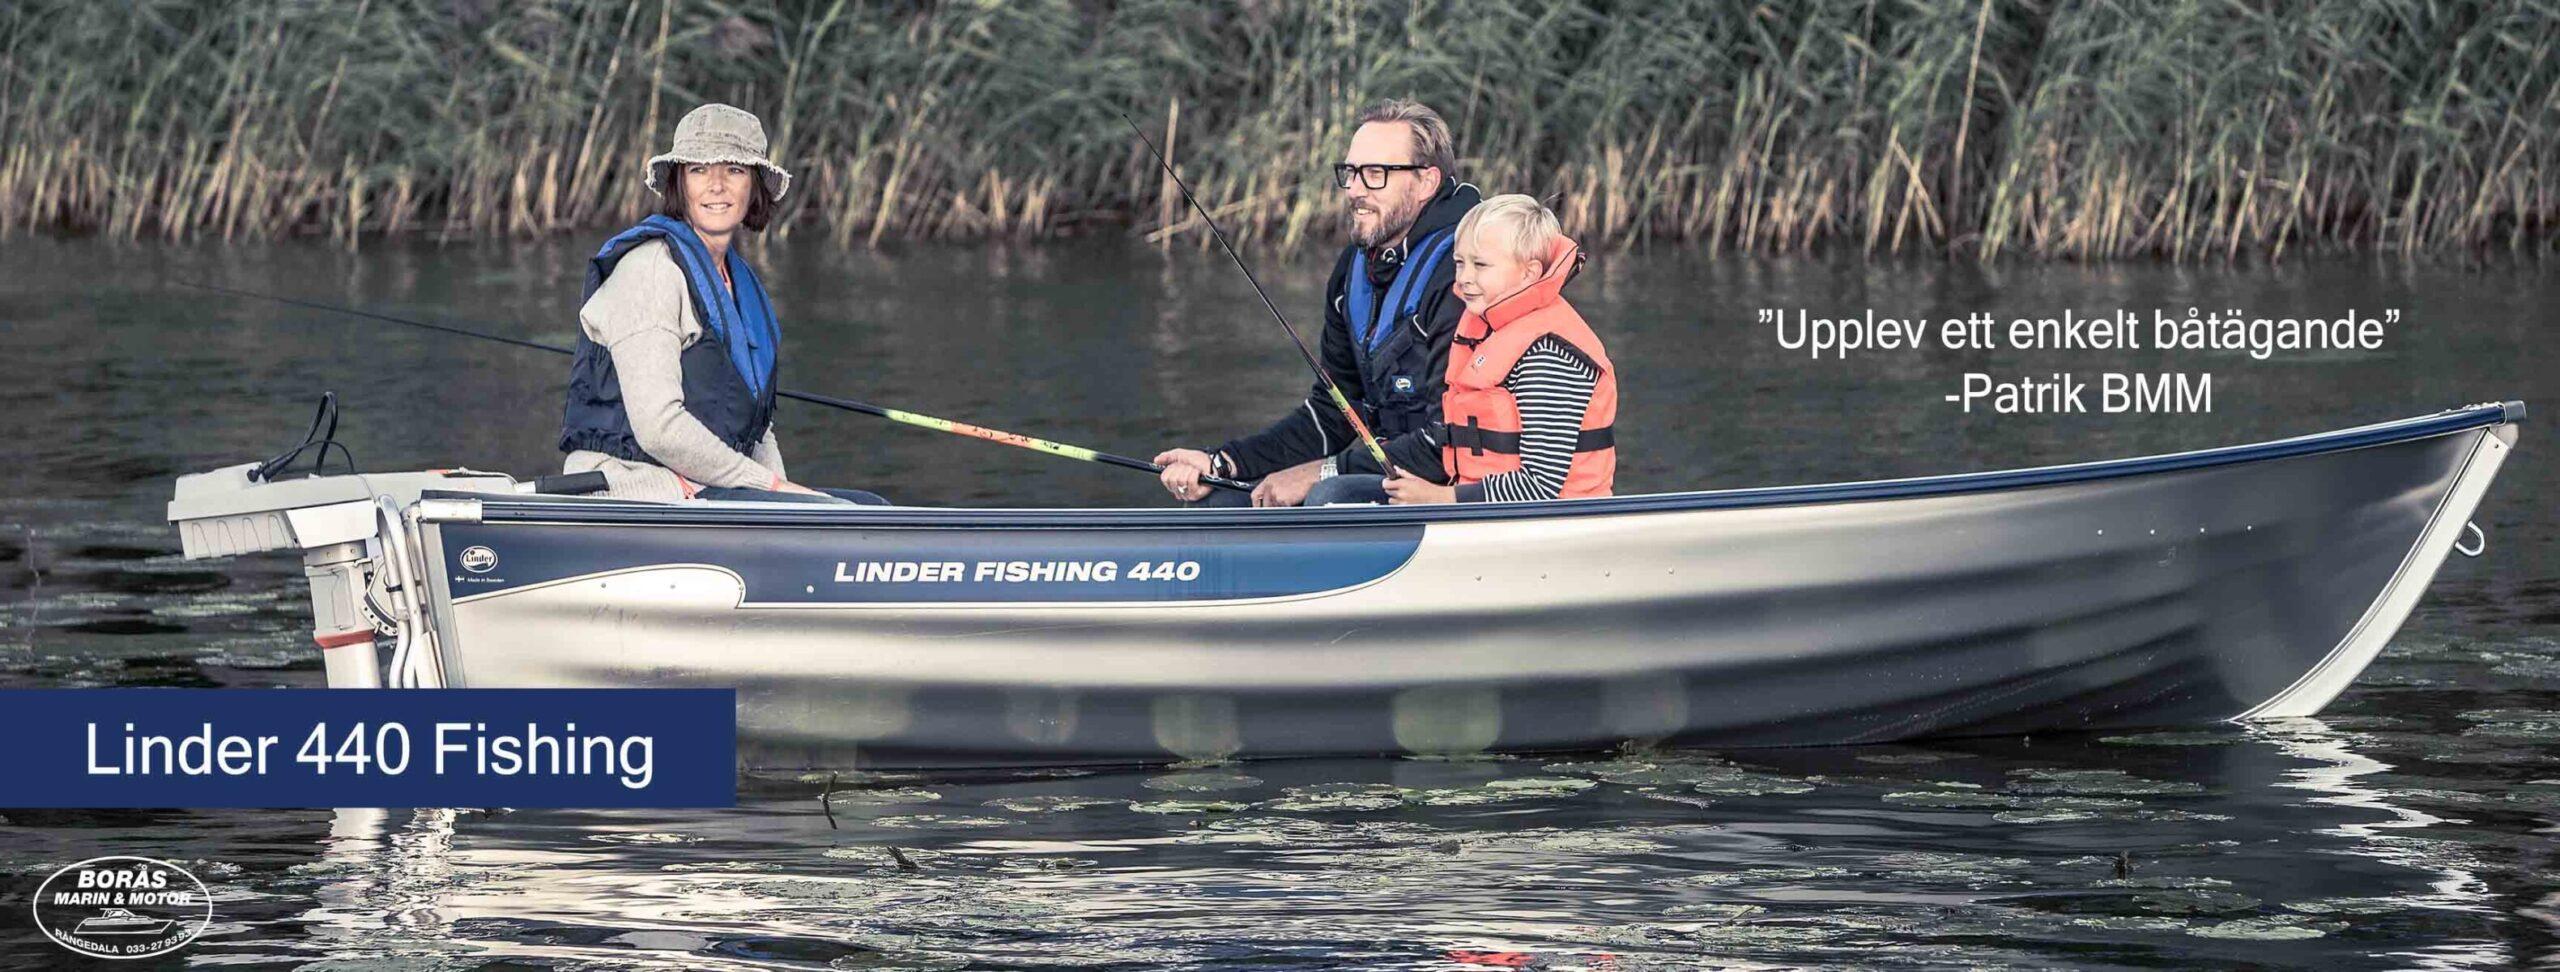 linder-440-fishing